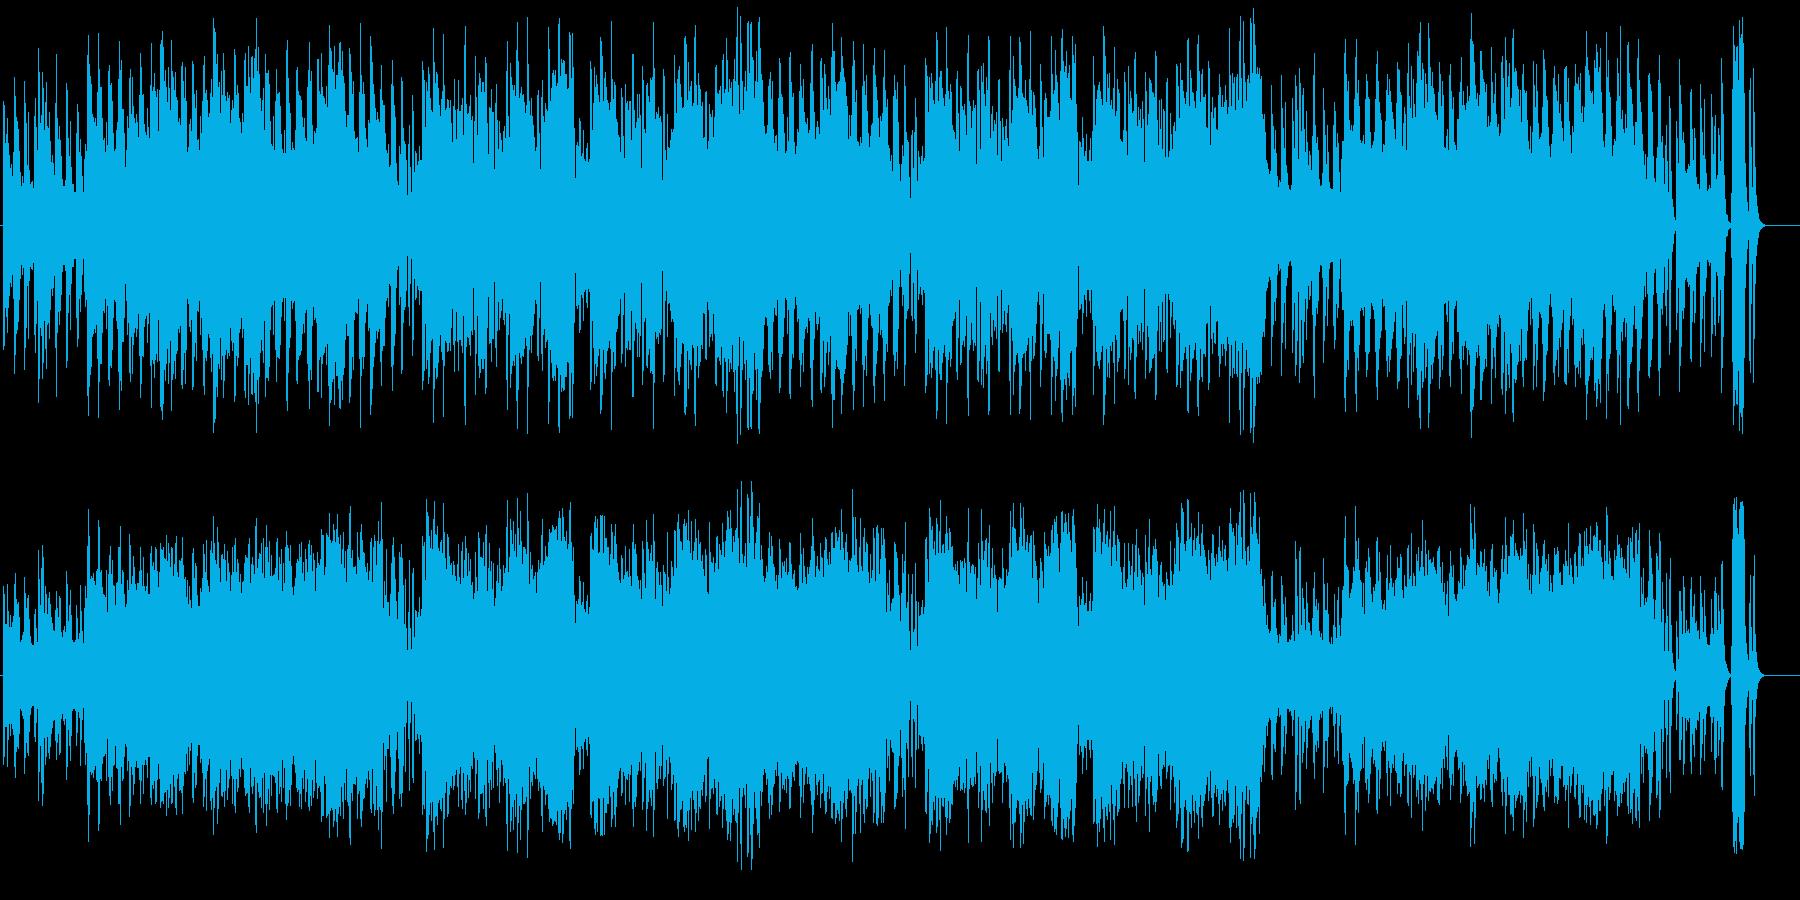 宮殿 美術館 のどか 草原 ブライダルの再生済みの波形